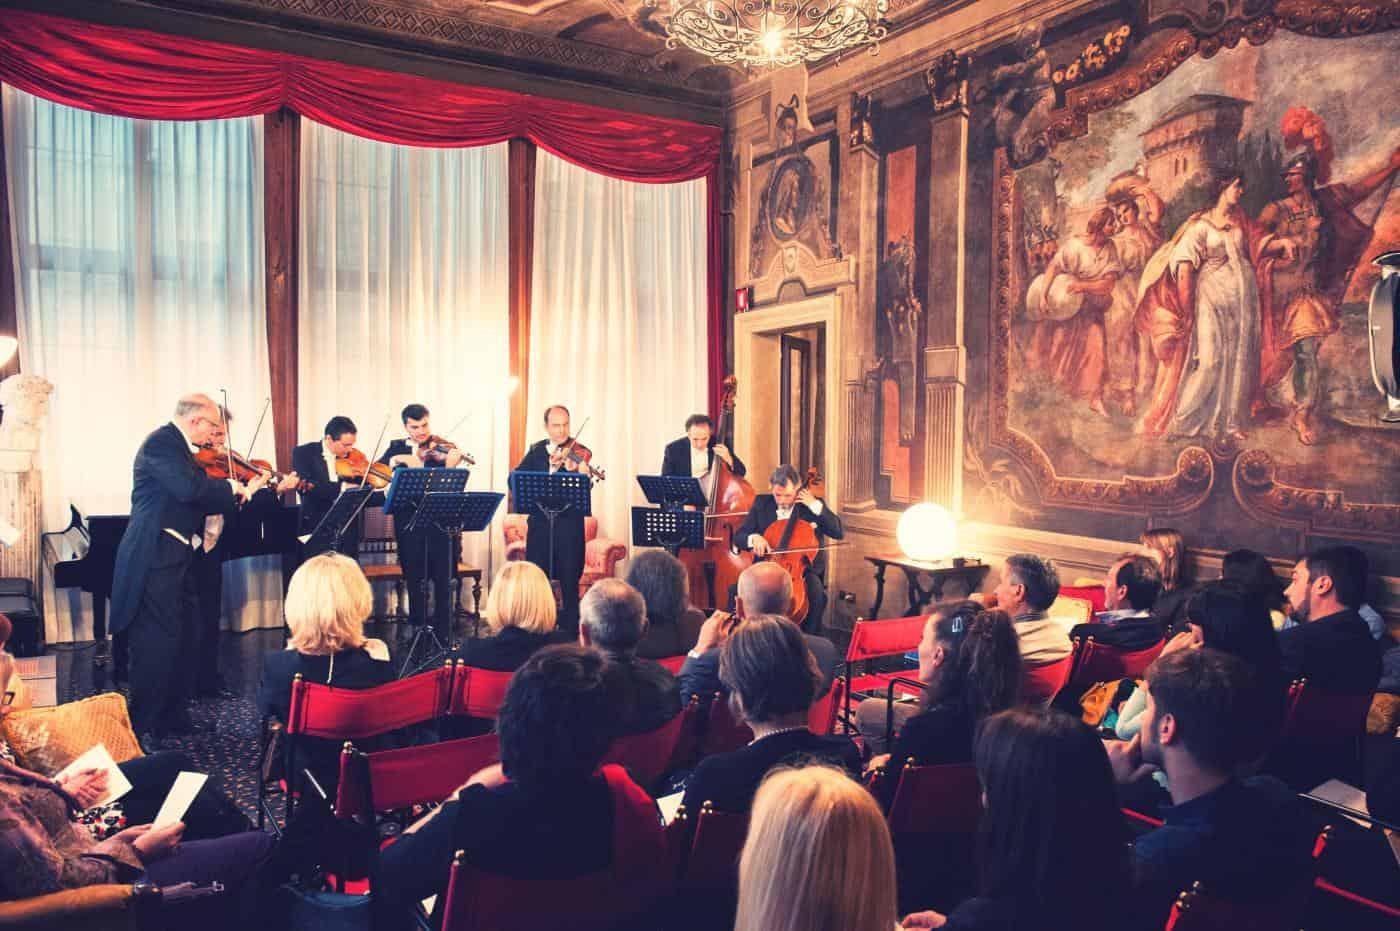 Que visiter à Venise: Concerts au Palais Attrazioni di Venezia: La grande musica a Palazzo Contarini della Porta di Ferro